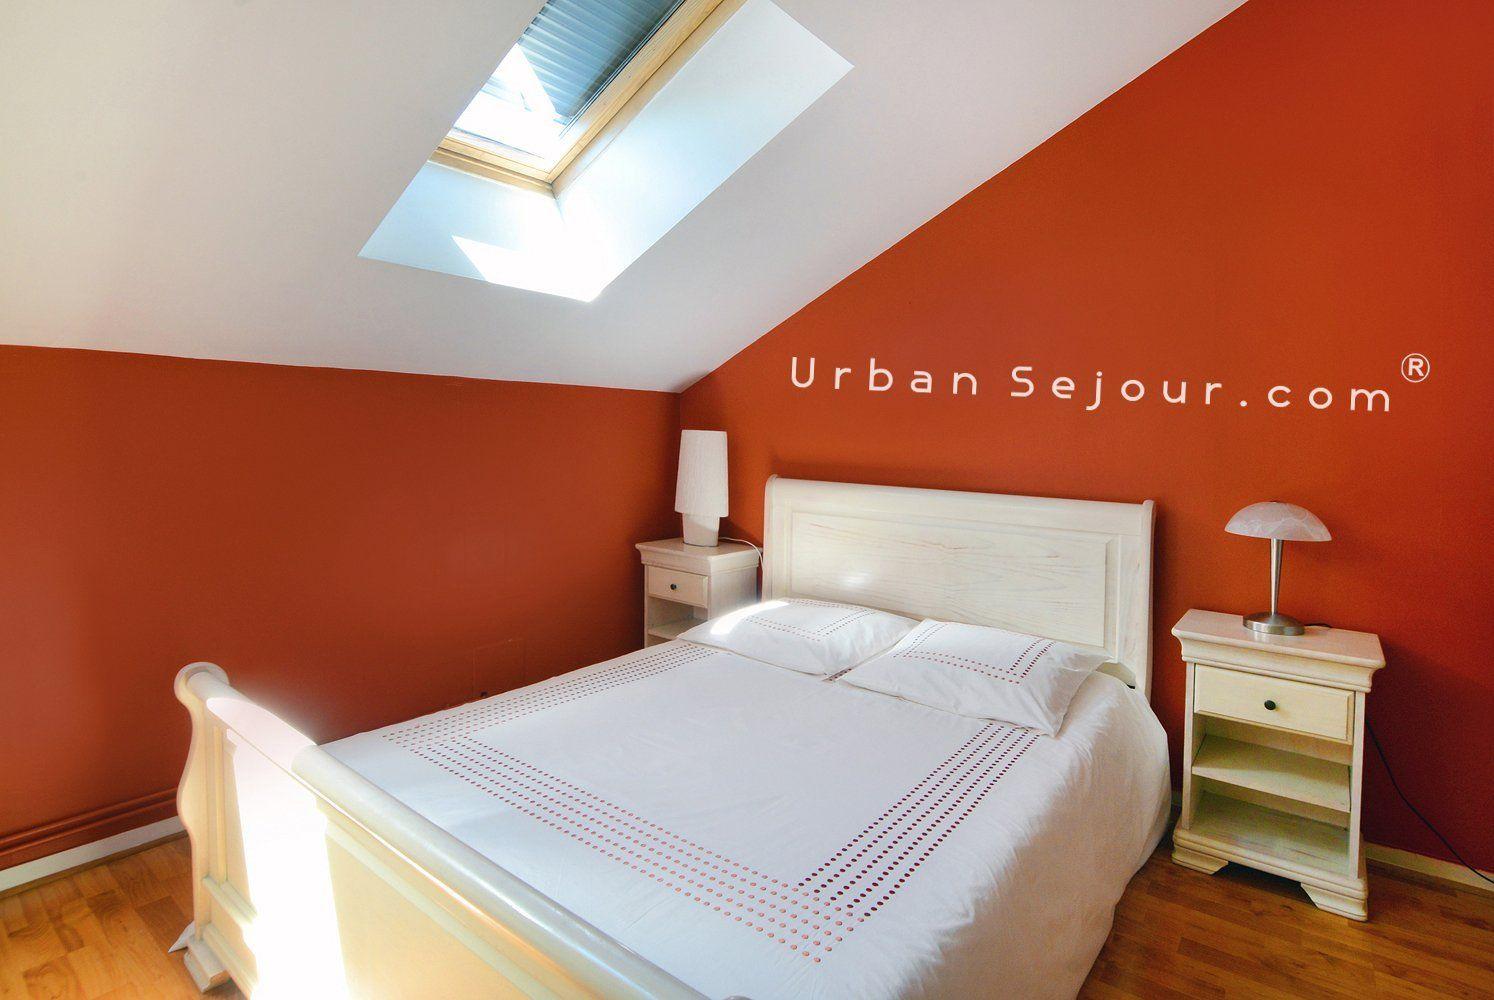 location suite meubl e location saisonni re lyon 3 part dieu castellanne canuts. Black Bedroom Furniture Sets. Home Design Ideas